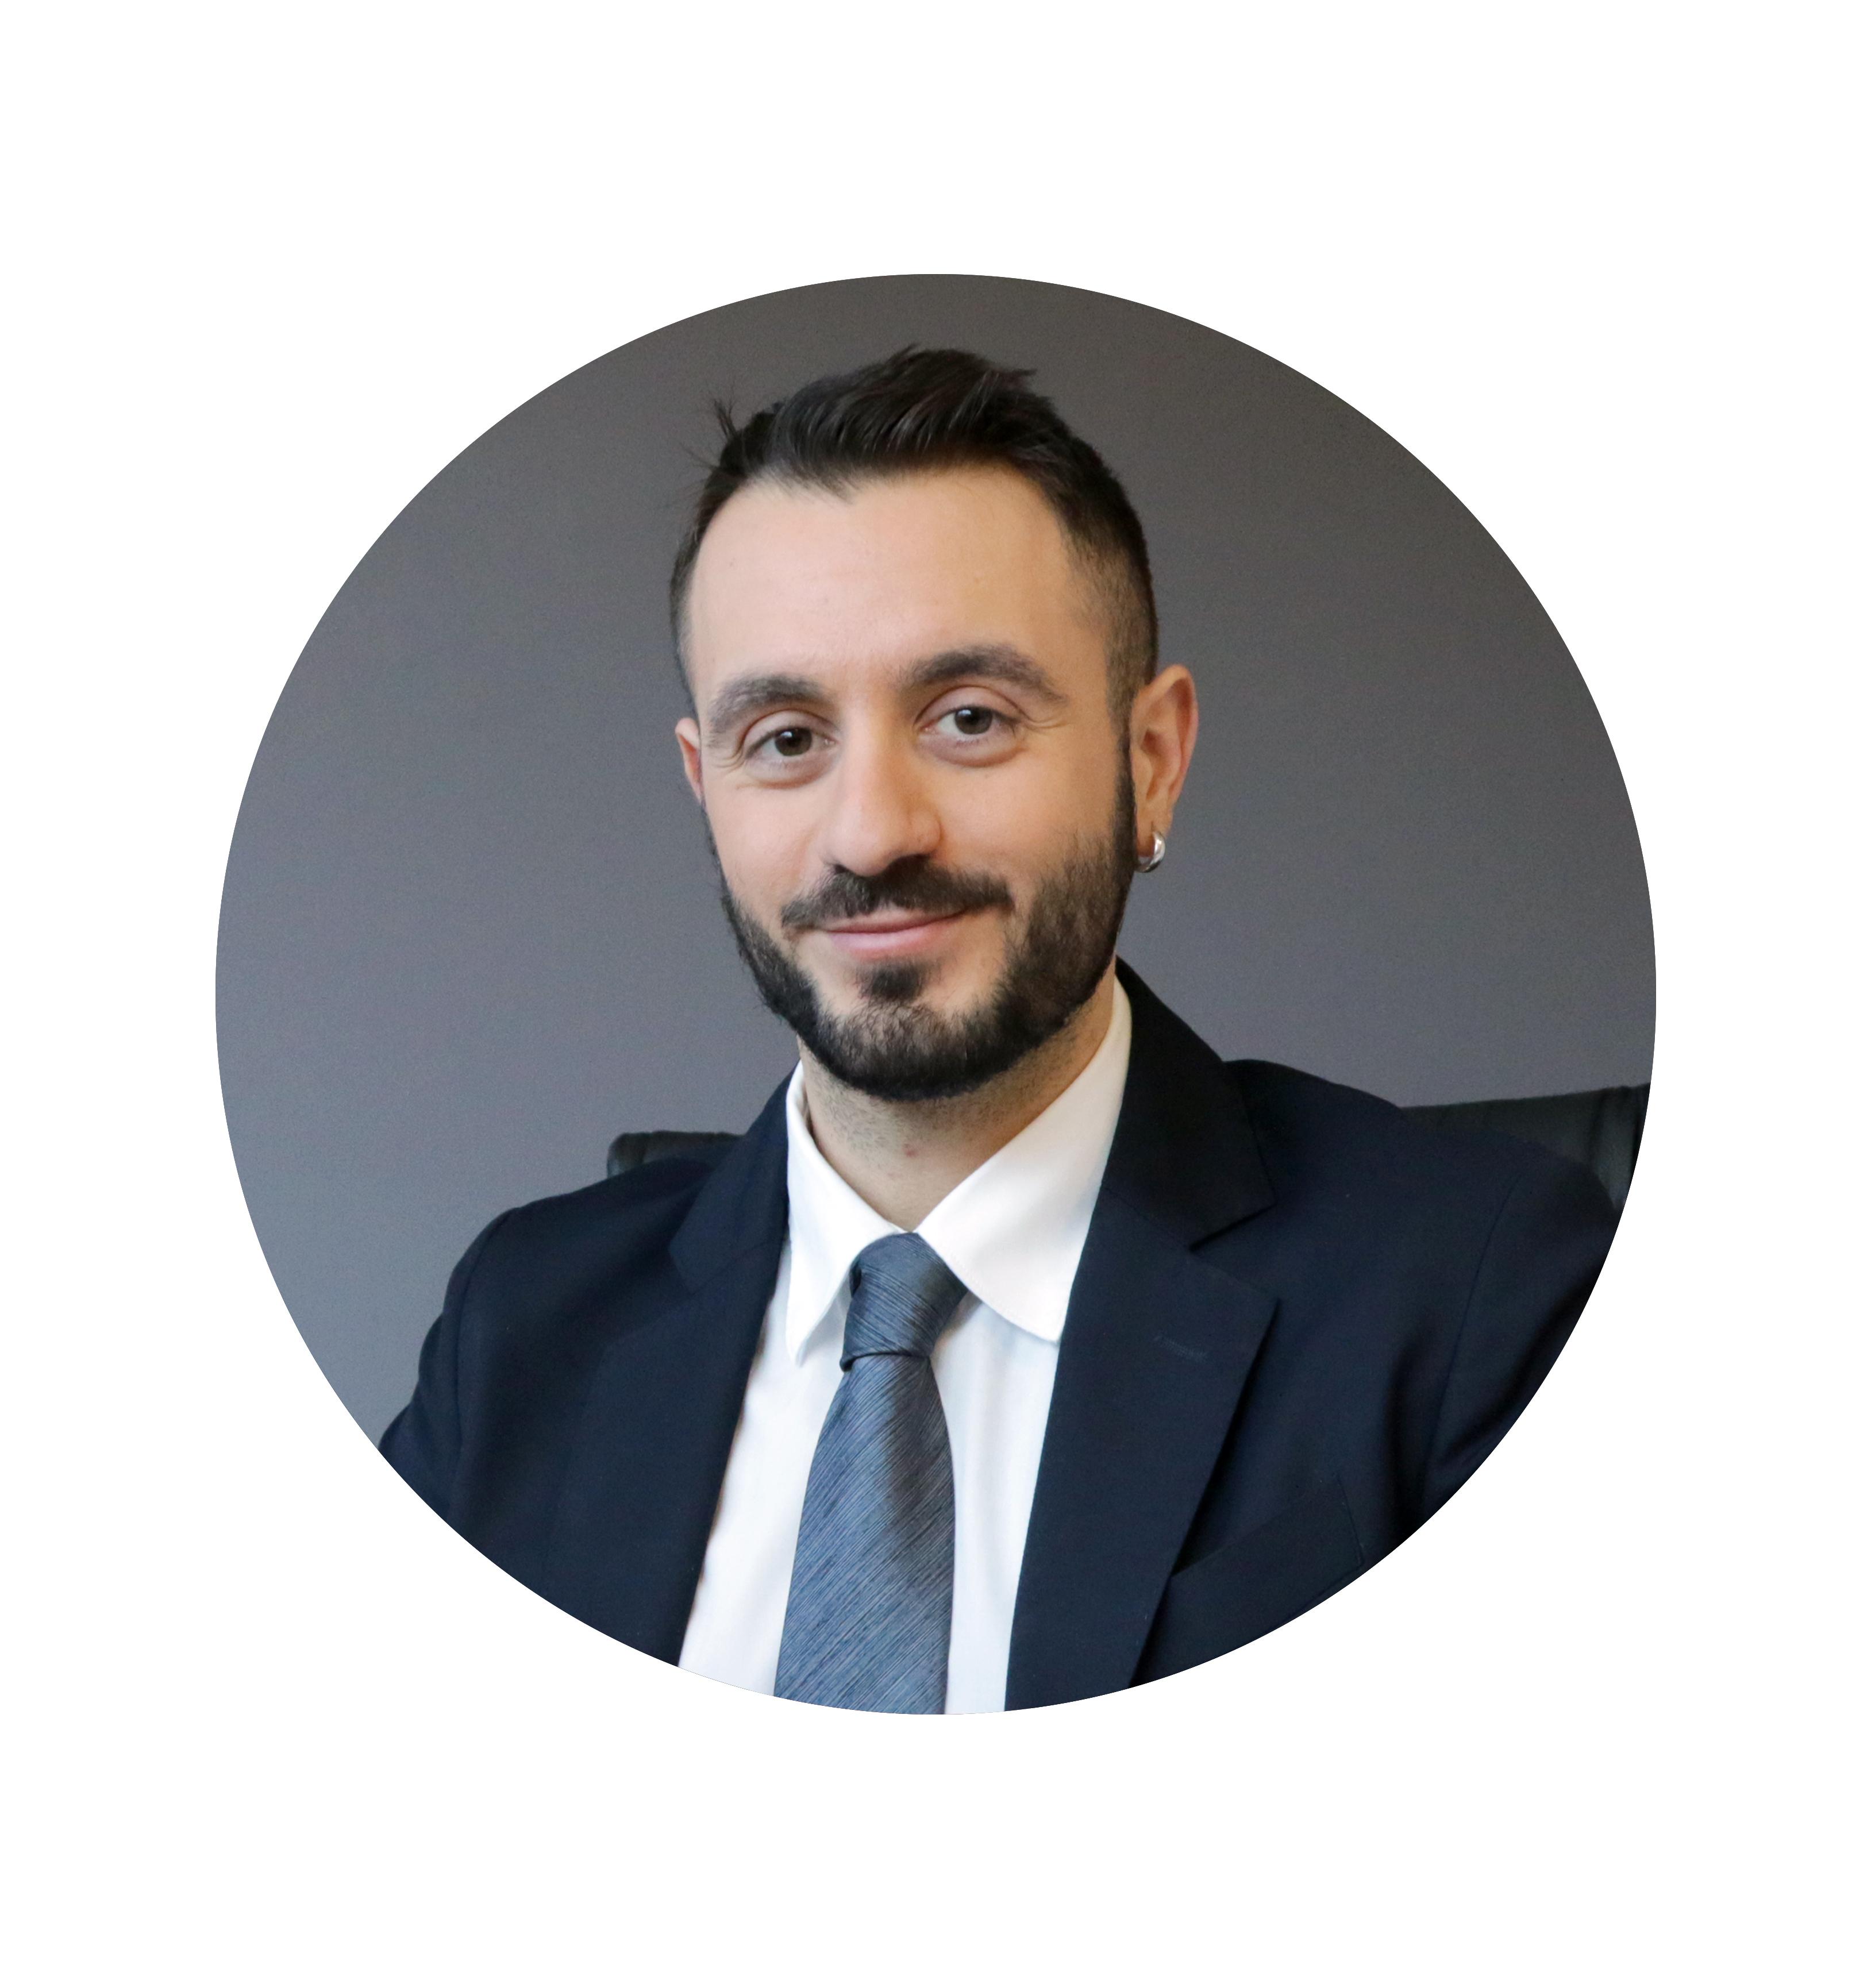 Dott. Ing. Emanuele Giantomassi